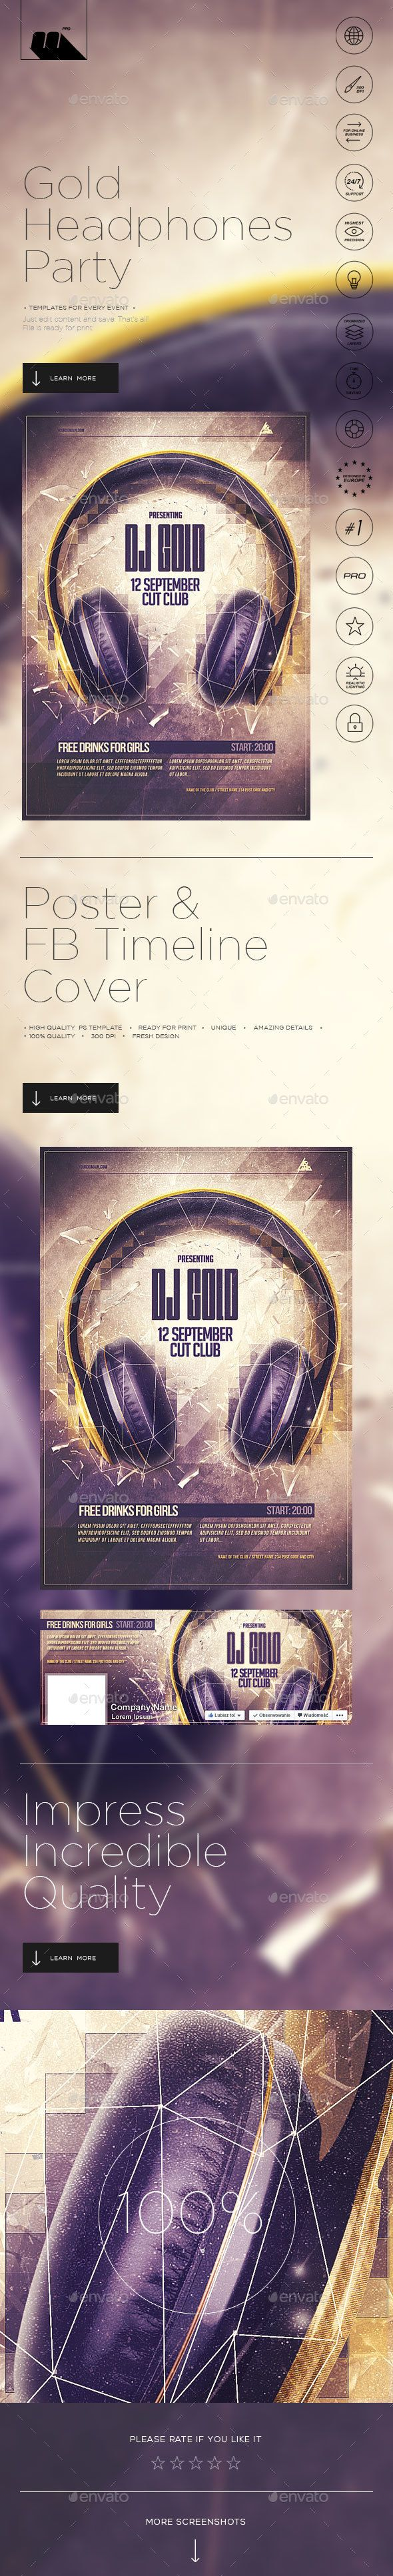 Gold Headphones Poster